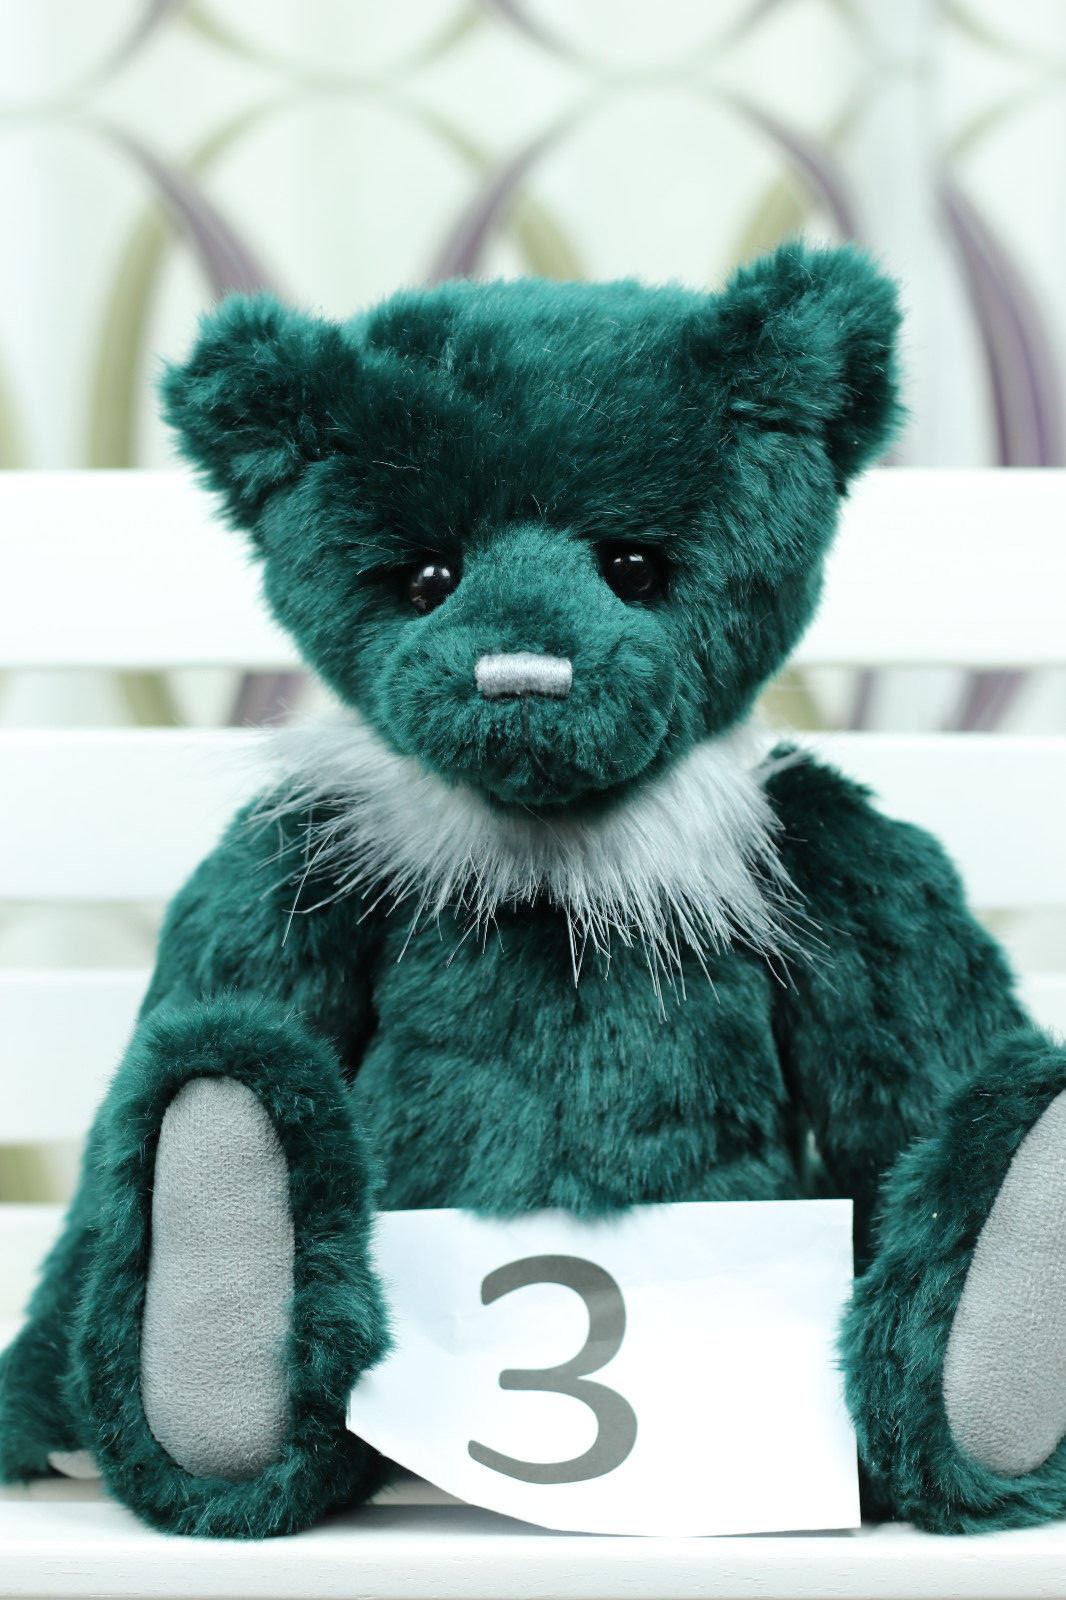 Charlie Bears-IL SIGNOR coccole-NUOVA CON ETICHETTA ETICHETTA ETICHETTA 397829